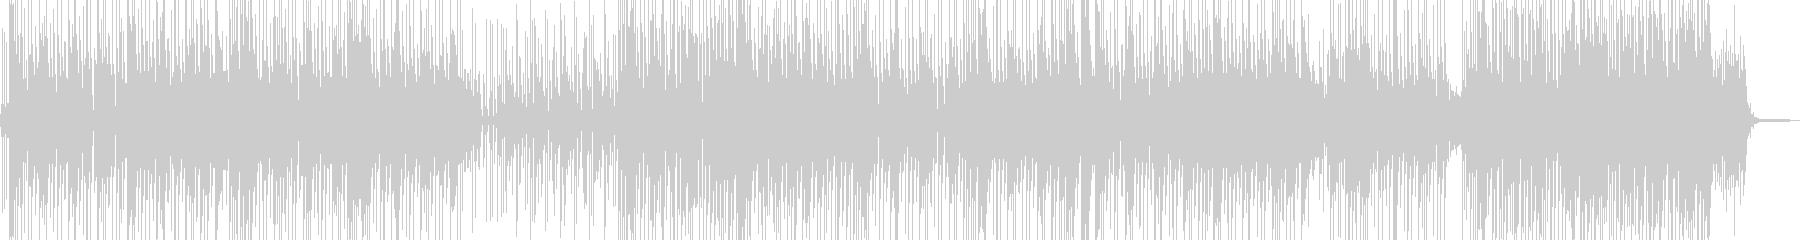 南国ムード ご機嫌なレゲェ Bの未再生の波形